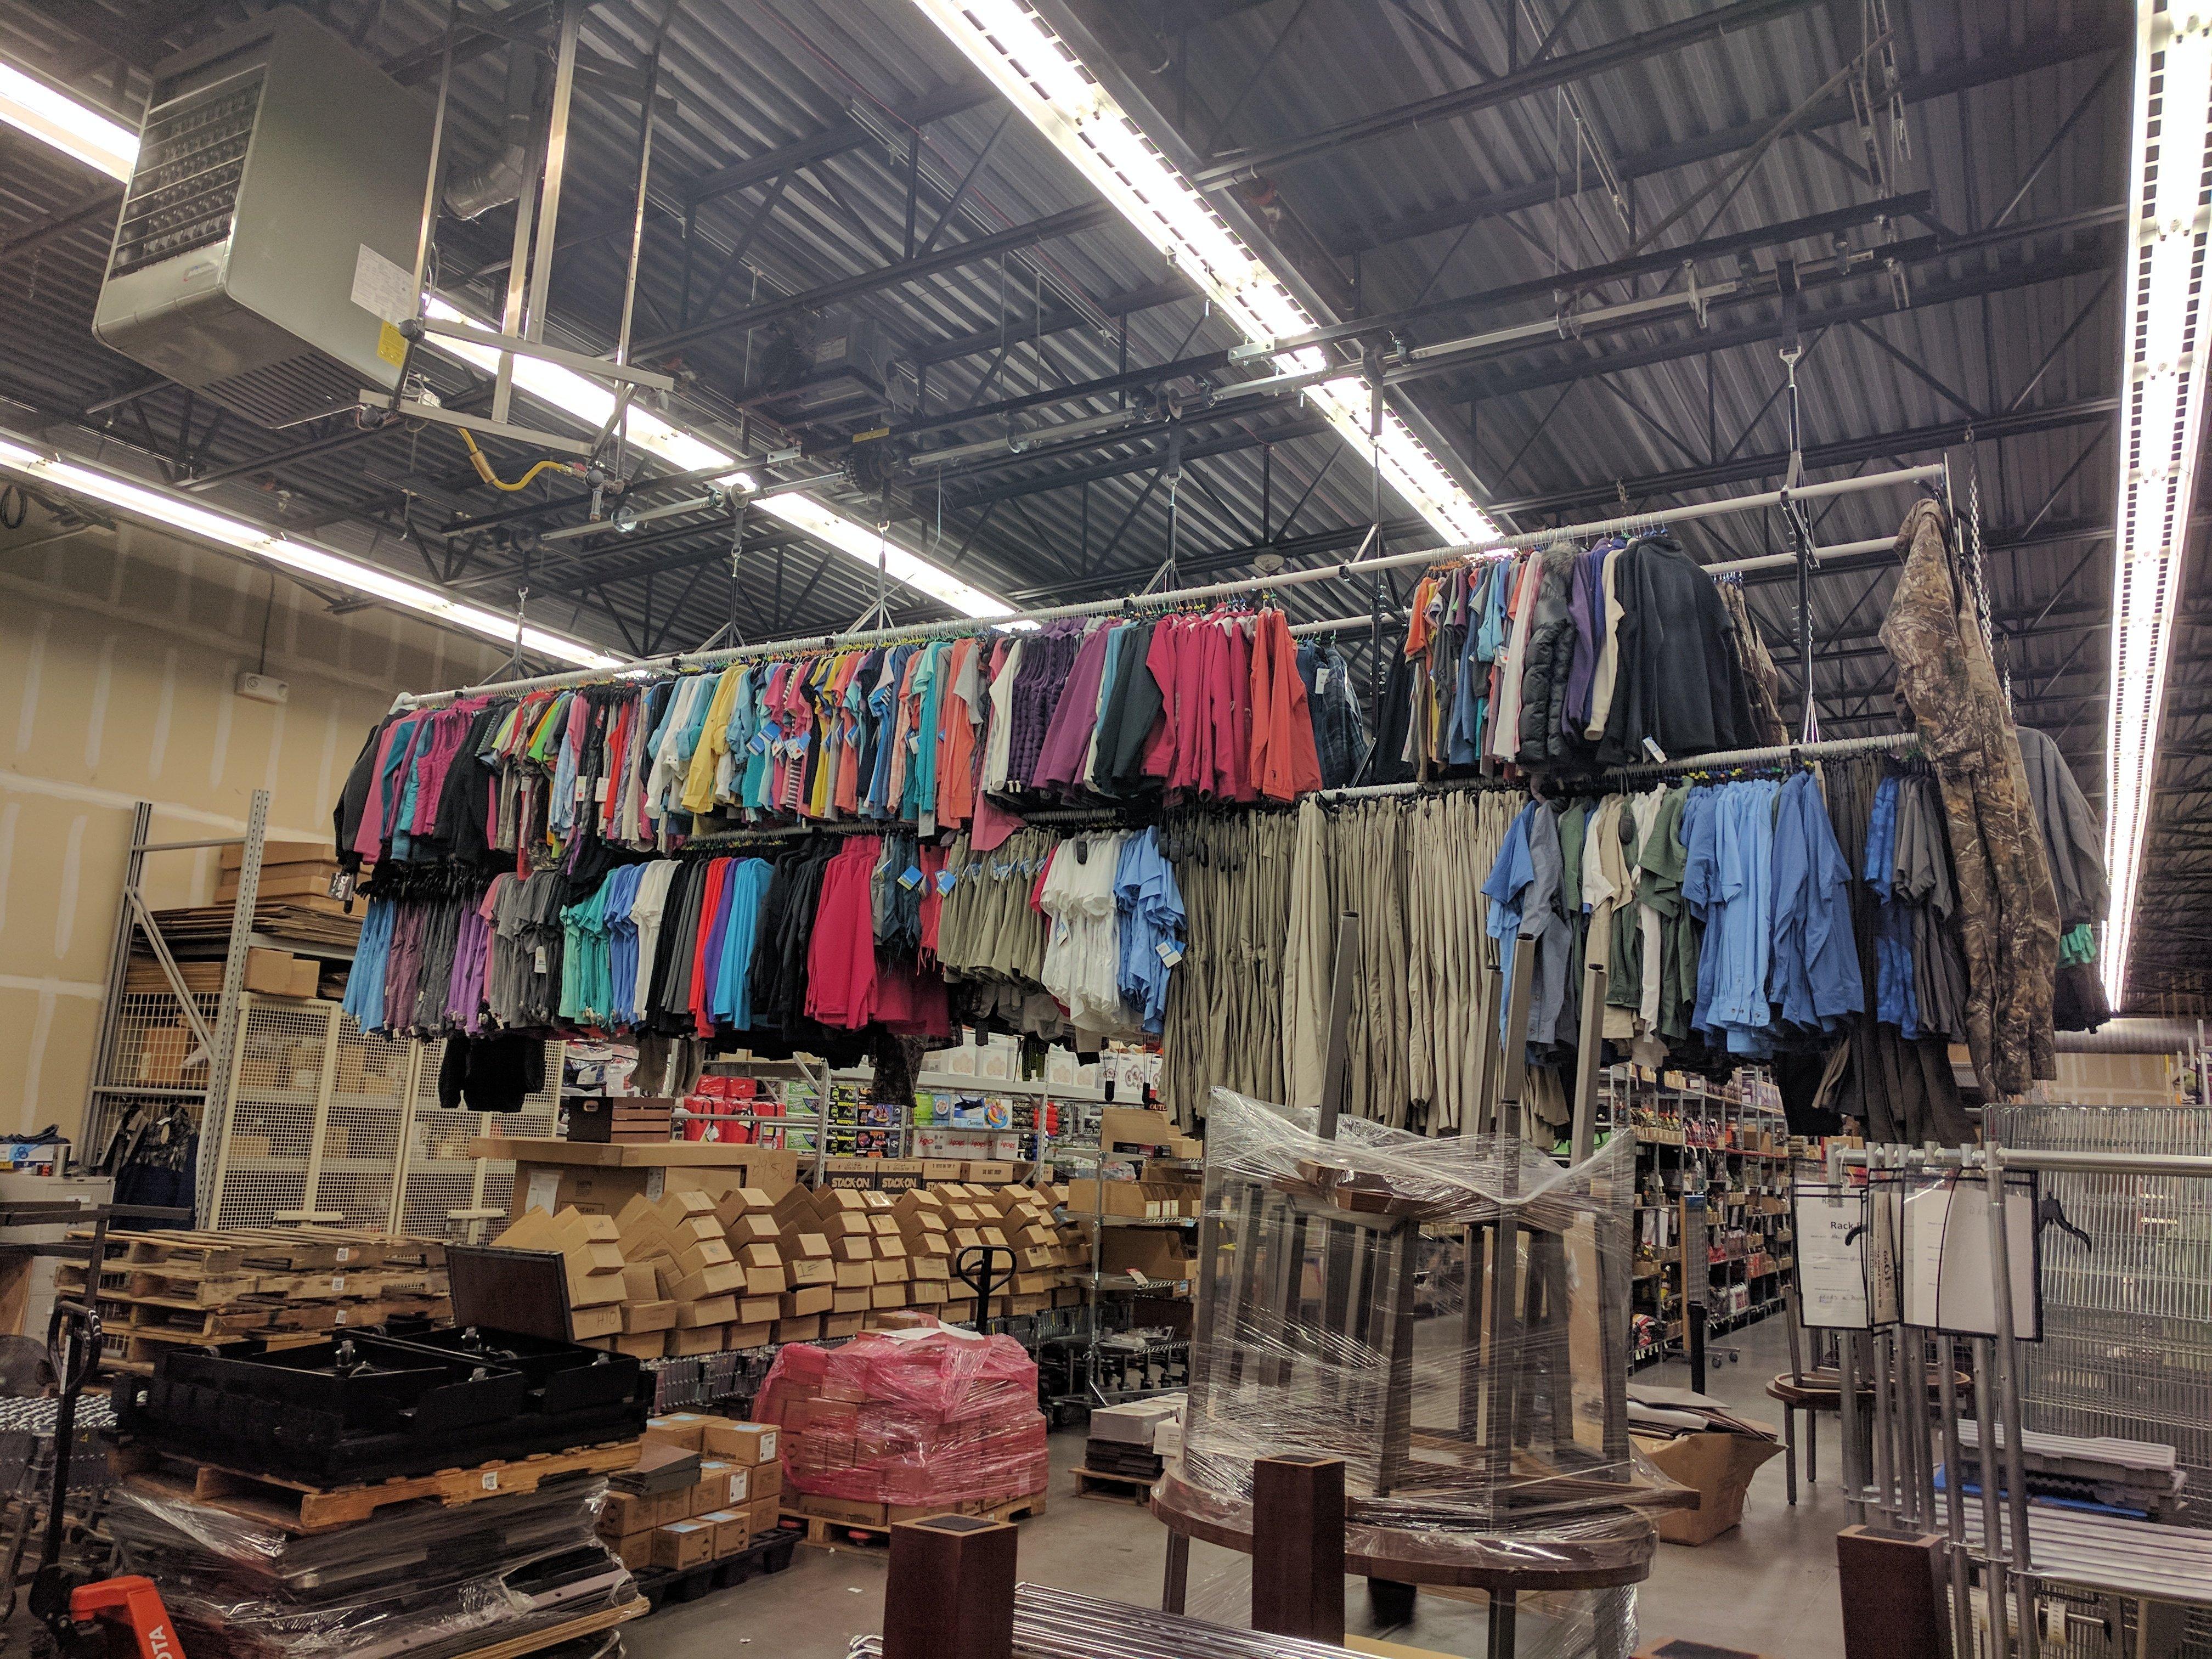 Garment Racks in Warehouse